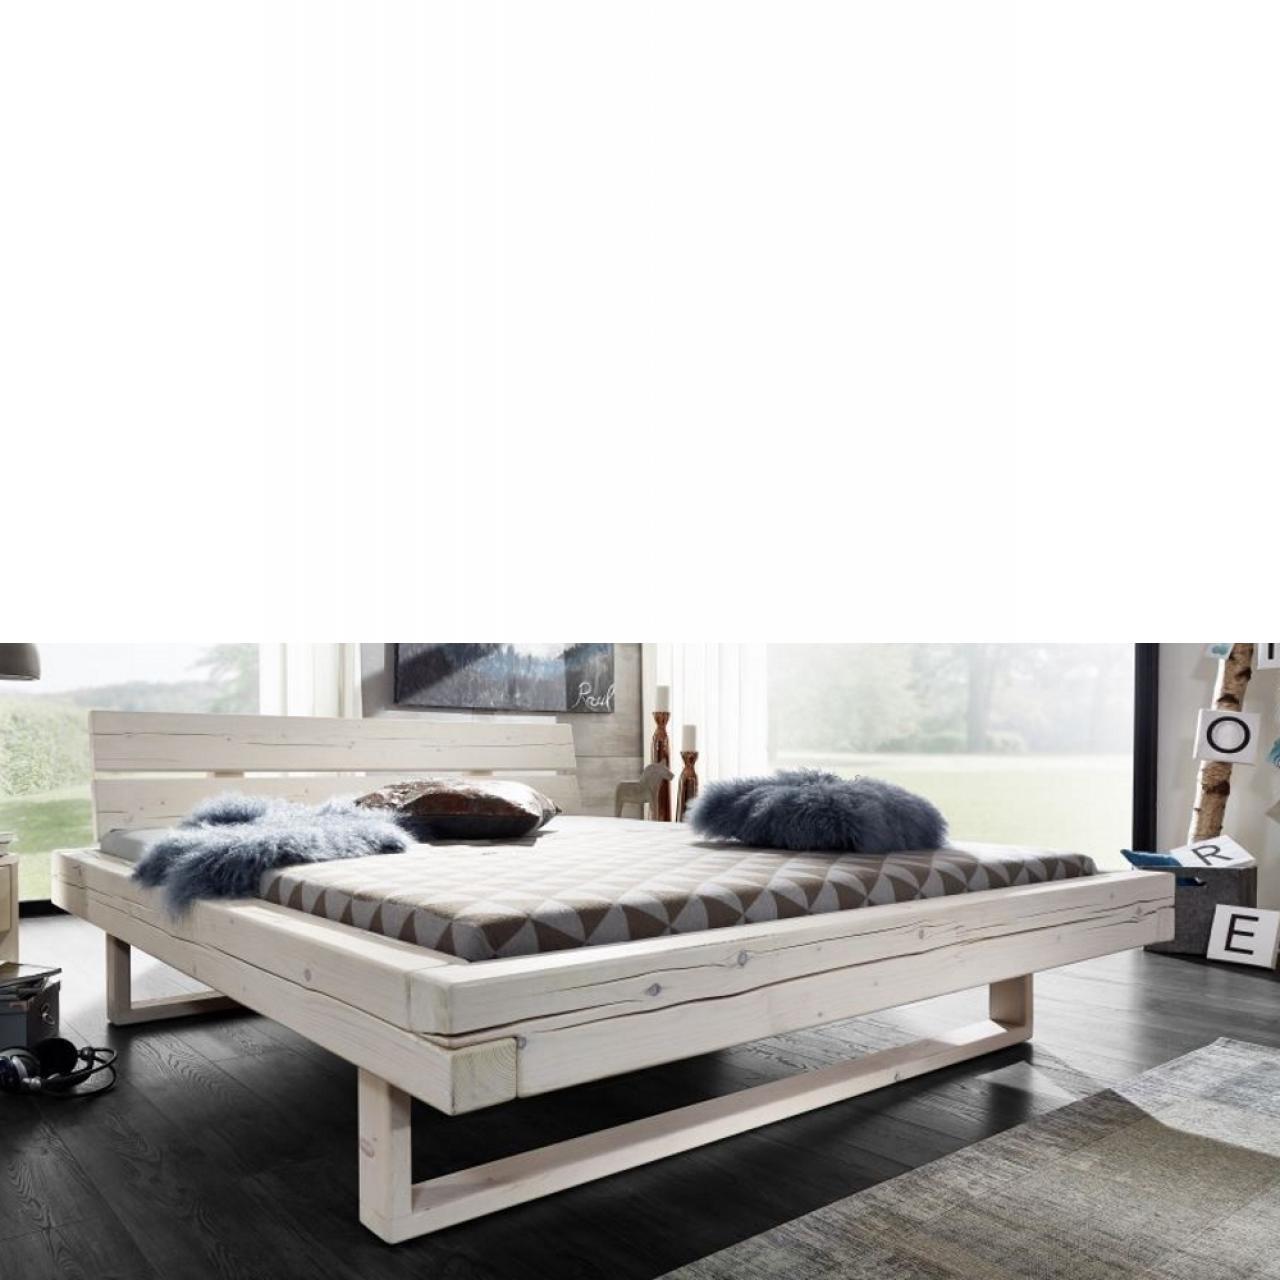 Massivholzbett weiß  Massivholzbett Weiß 140x200   Massivholzmöbel   Wohnen   Möbel ...